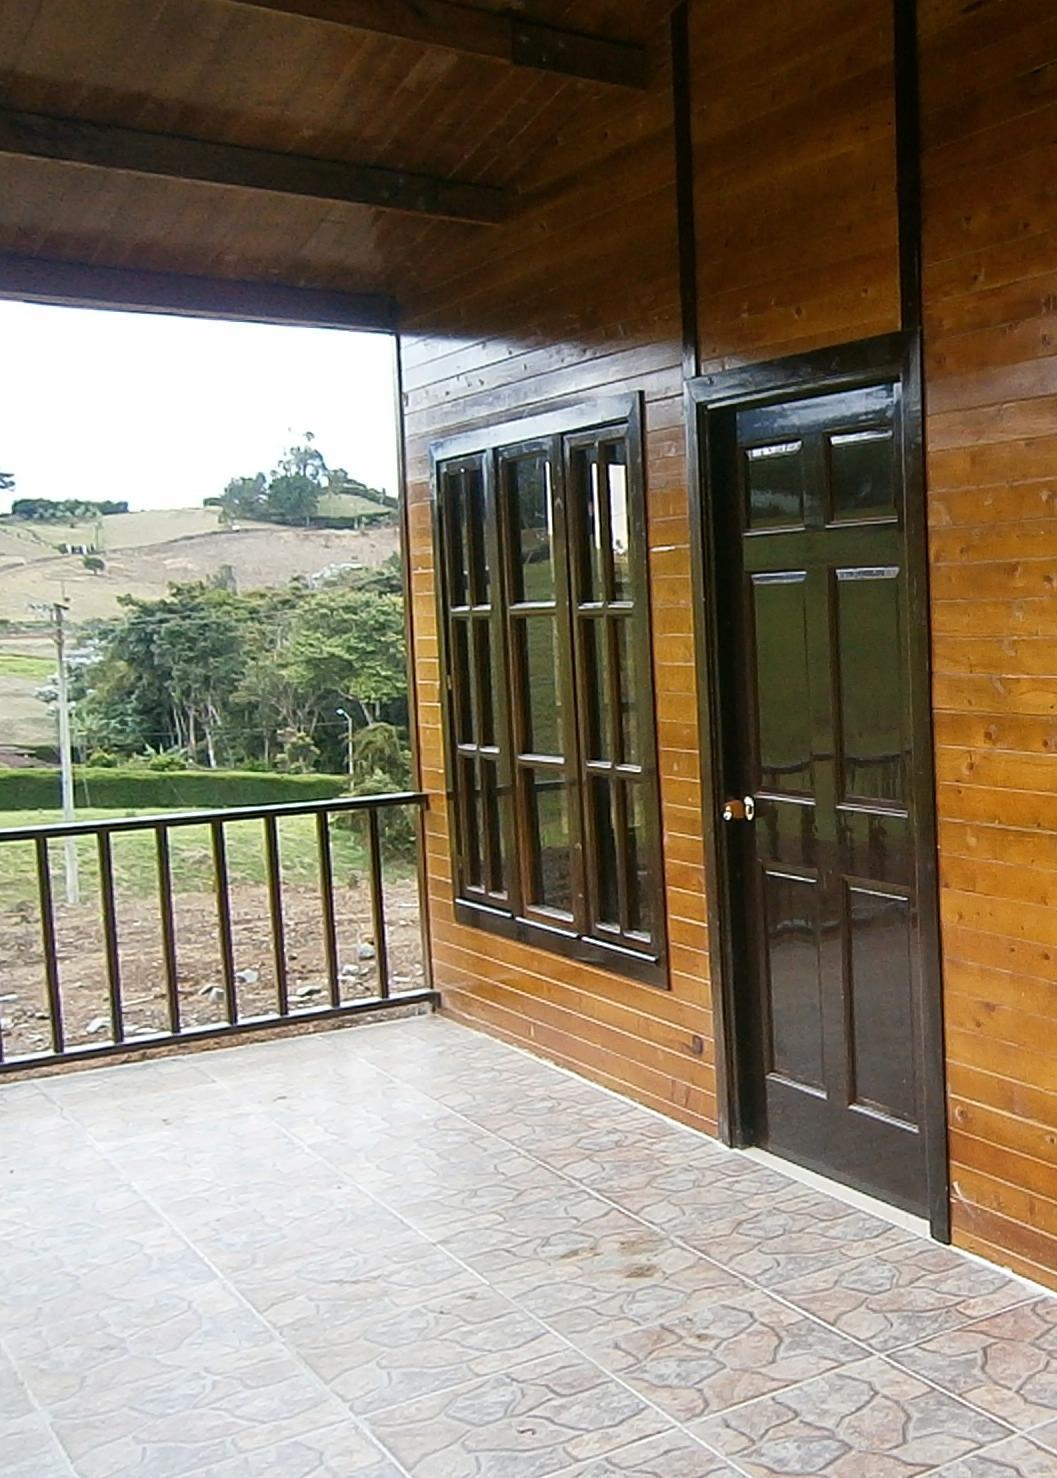 Hacemos casas prefabricadas de madera y prefabricadas de concreto baj - Feria de casas prefabricadas ...